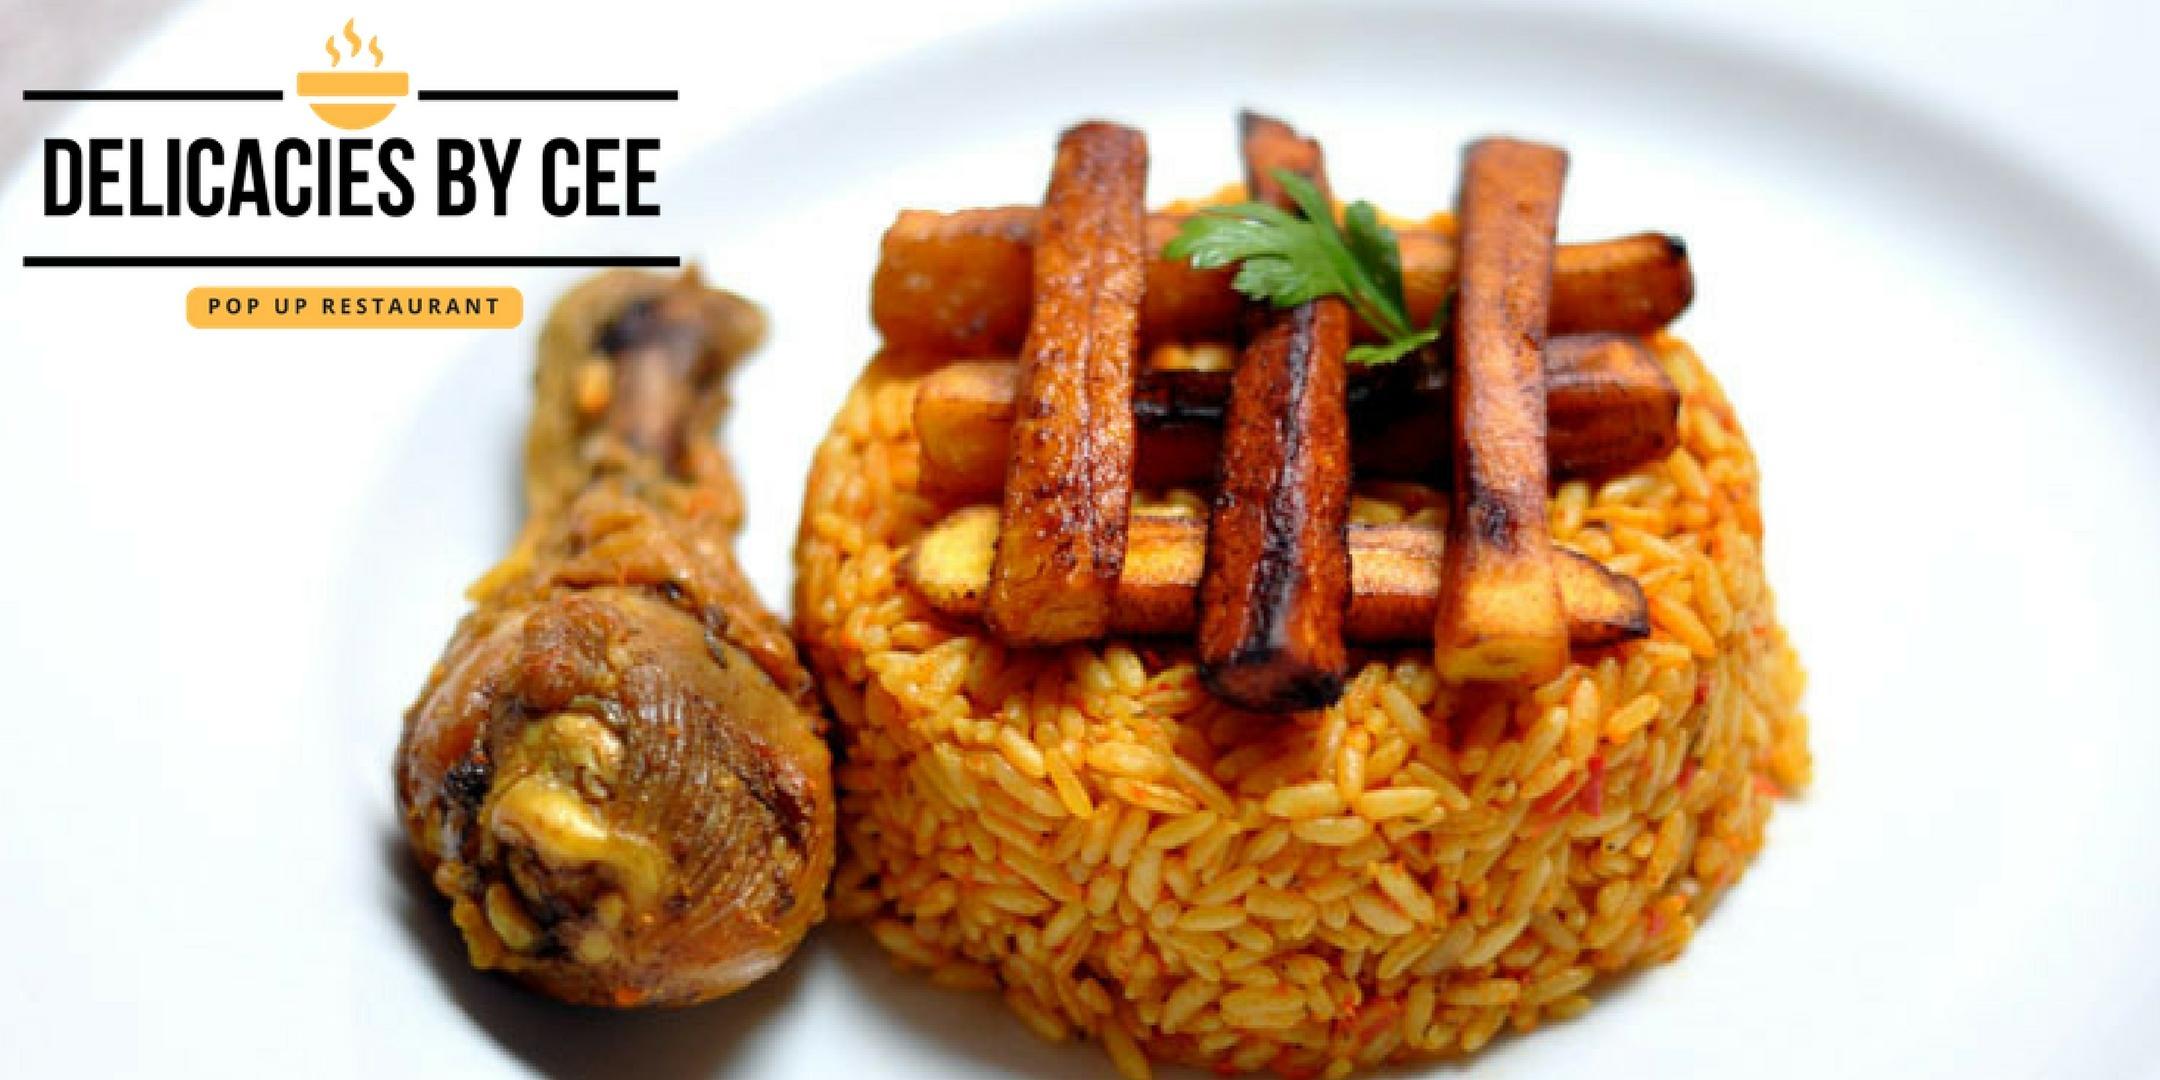 Pop Up Restaurant Celebrating Black History Month & Nigerian Independence day | Blacknet UK